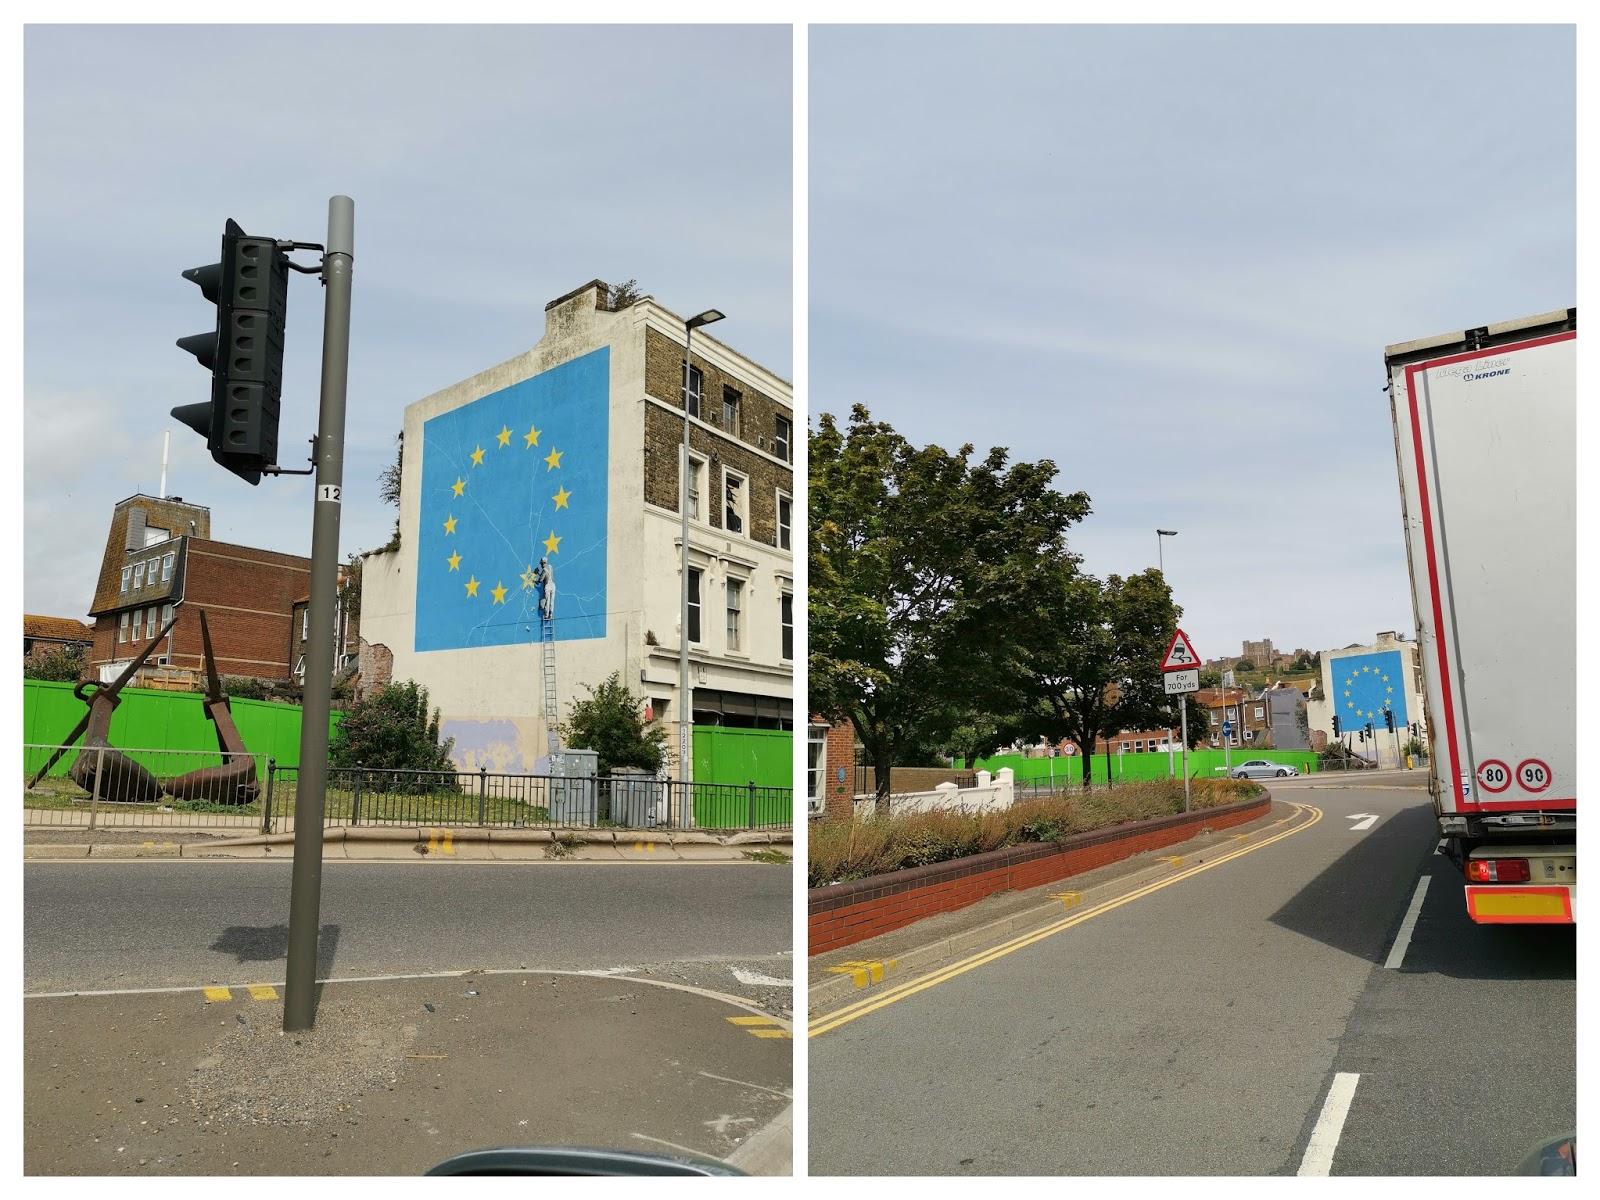 Europa ich sehe den Brexit nicht mehr.  Banksy Mural am Dover Port verschwunden